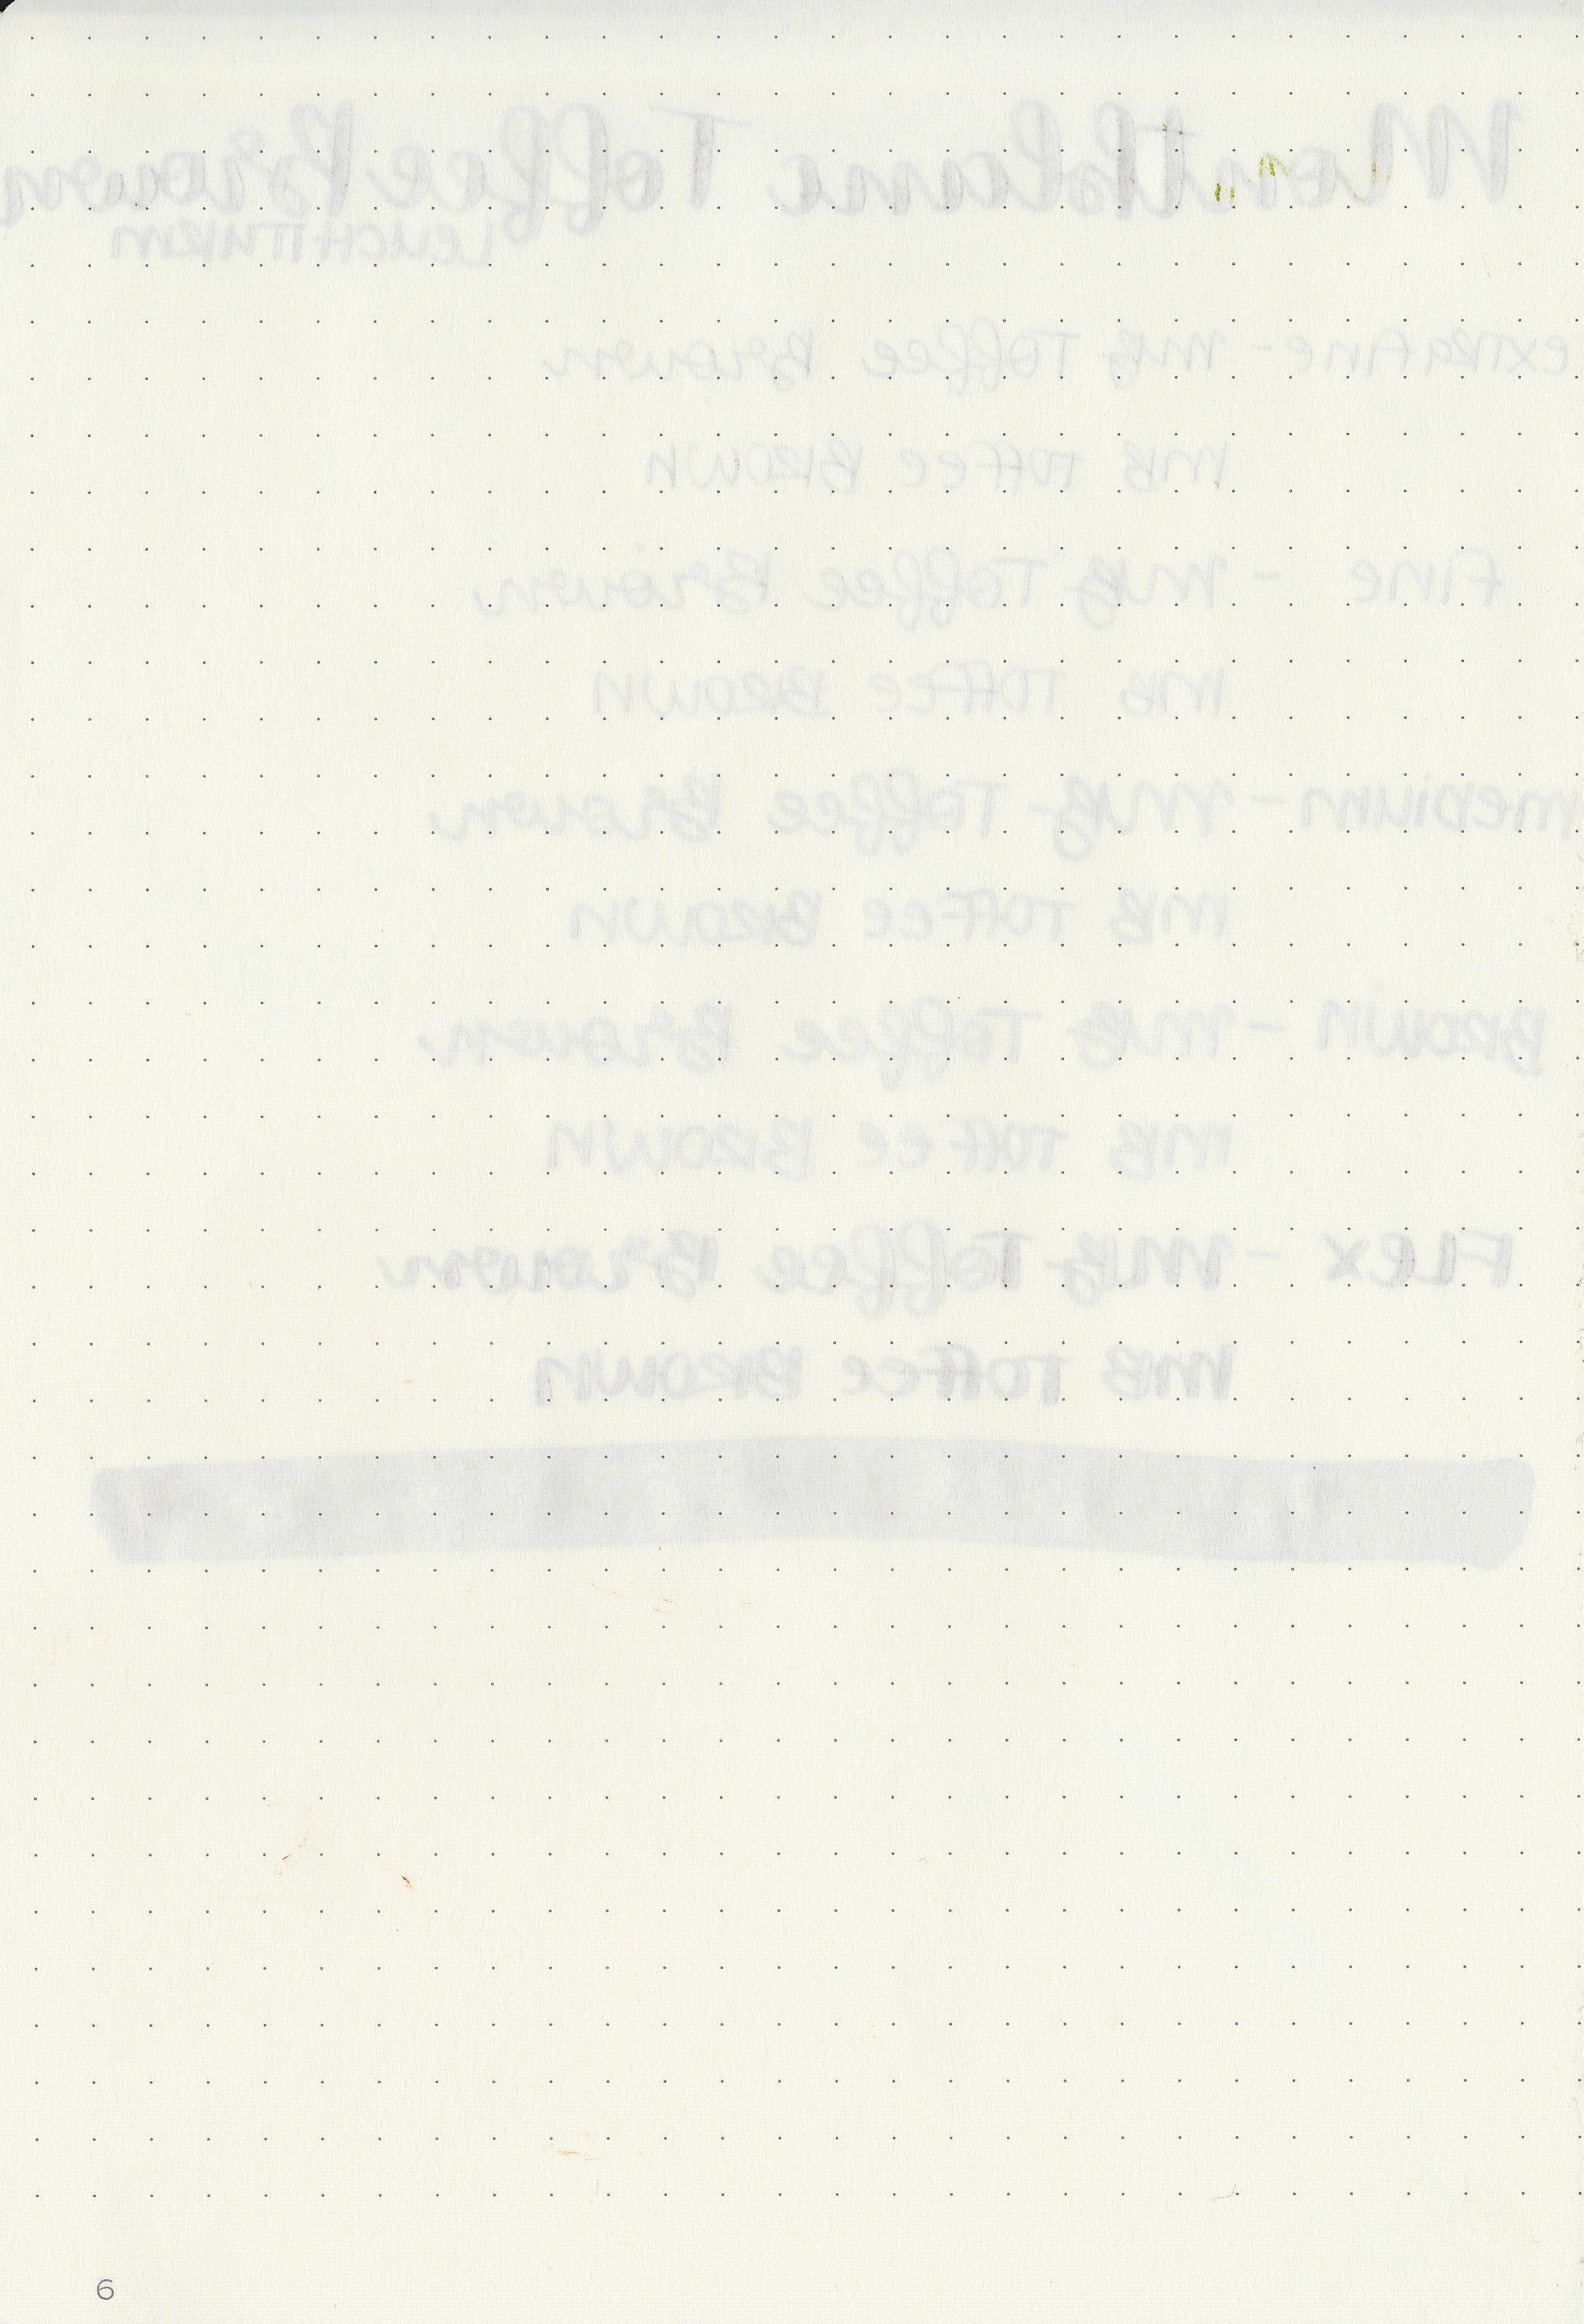 mb-toffee-brown-11.jpg